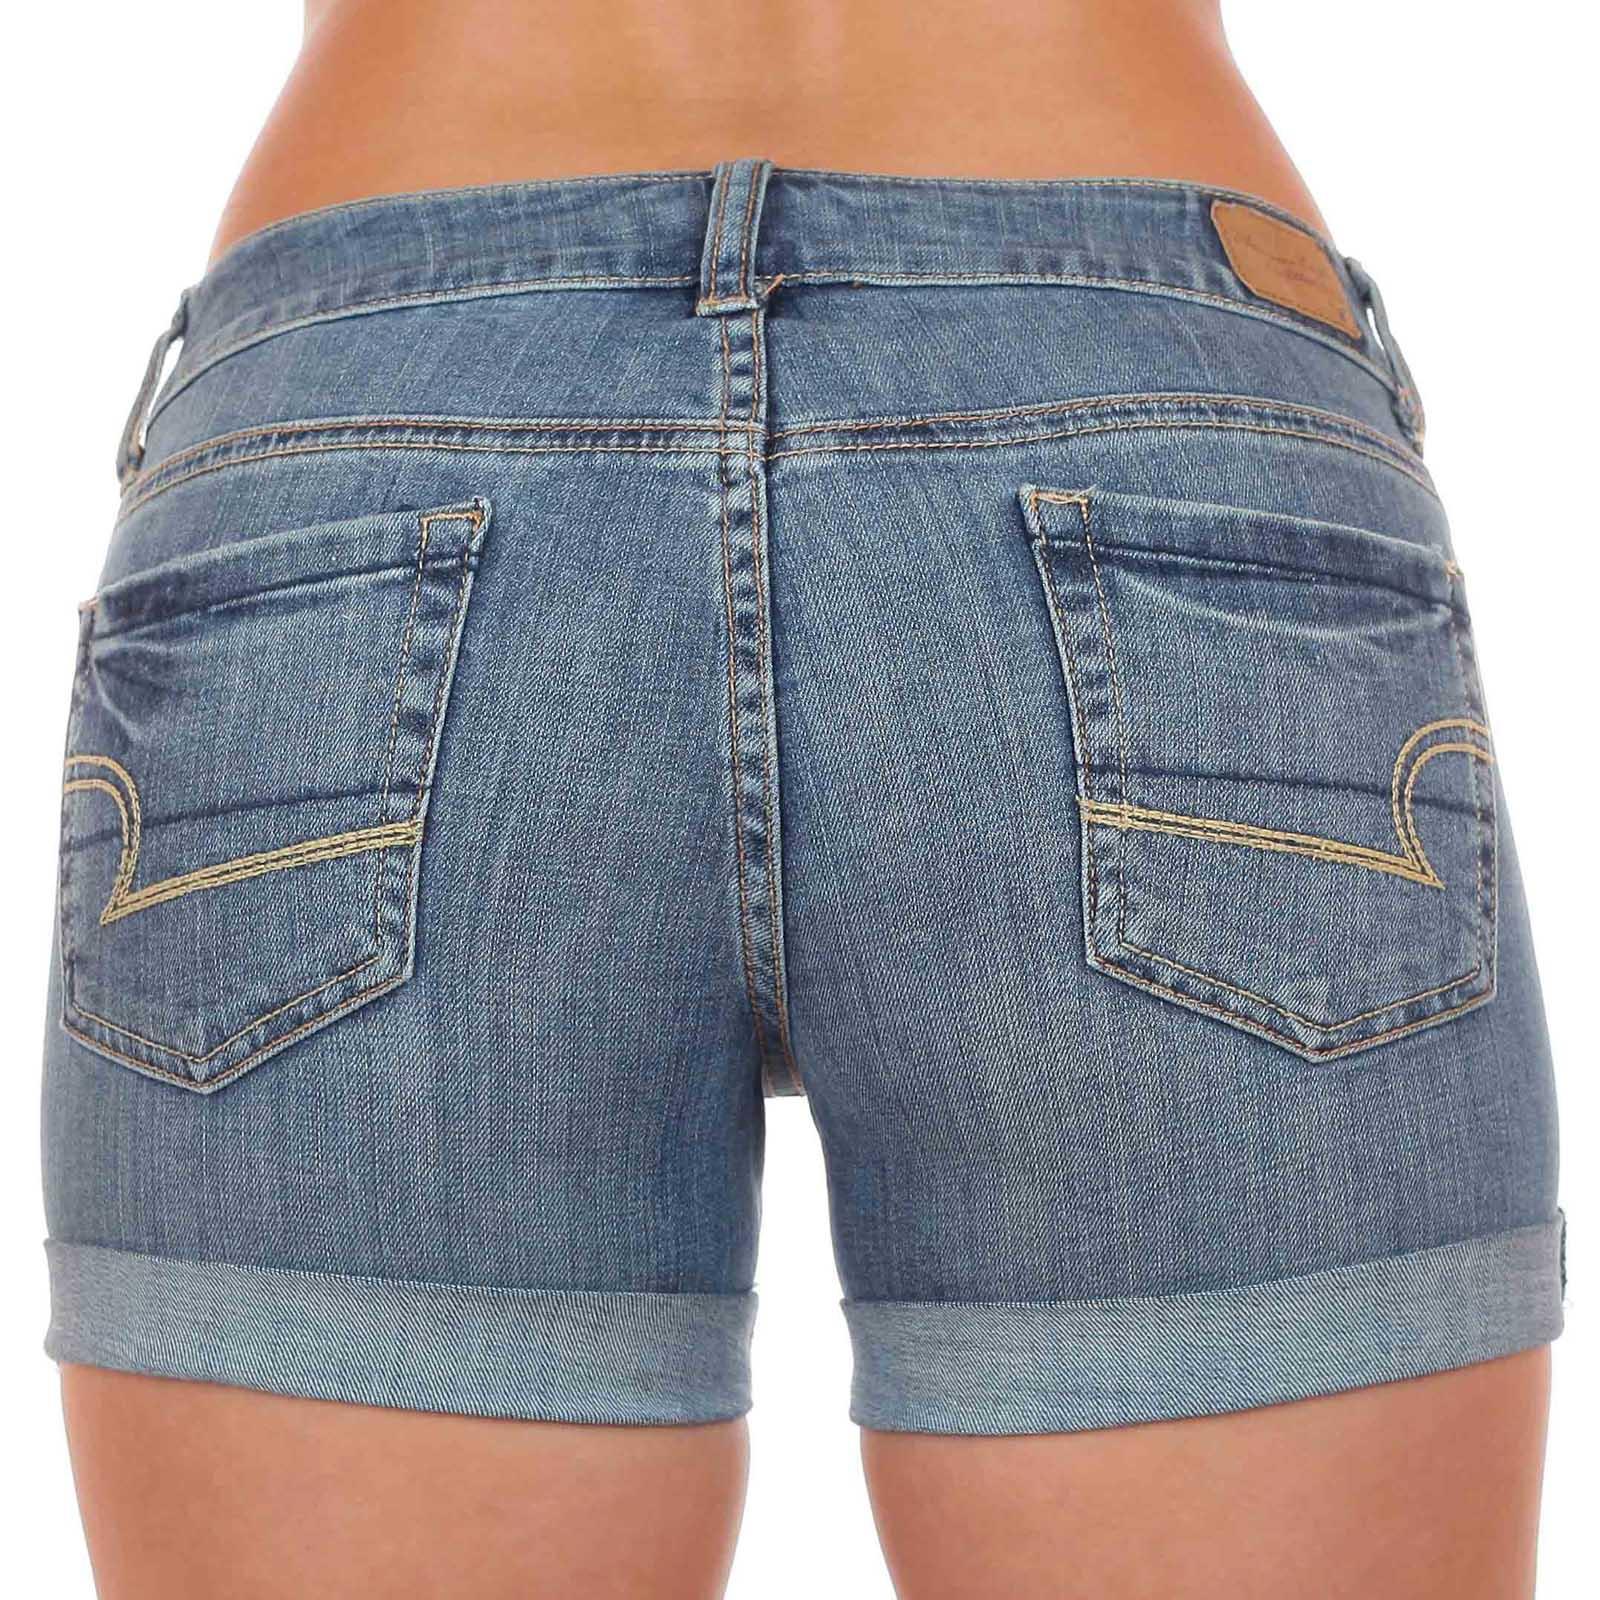 Джинсовые шортики для спортивной попки. Модный лук от бренда American Eagle (США). Сочетай с чем хочешь, носи куда хочешь!